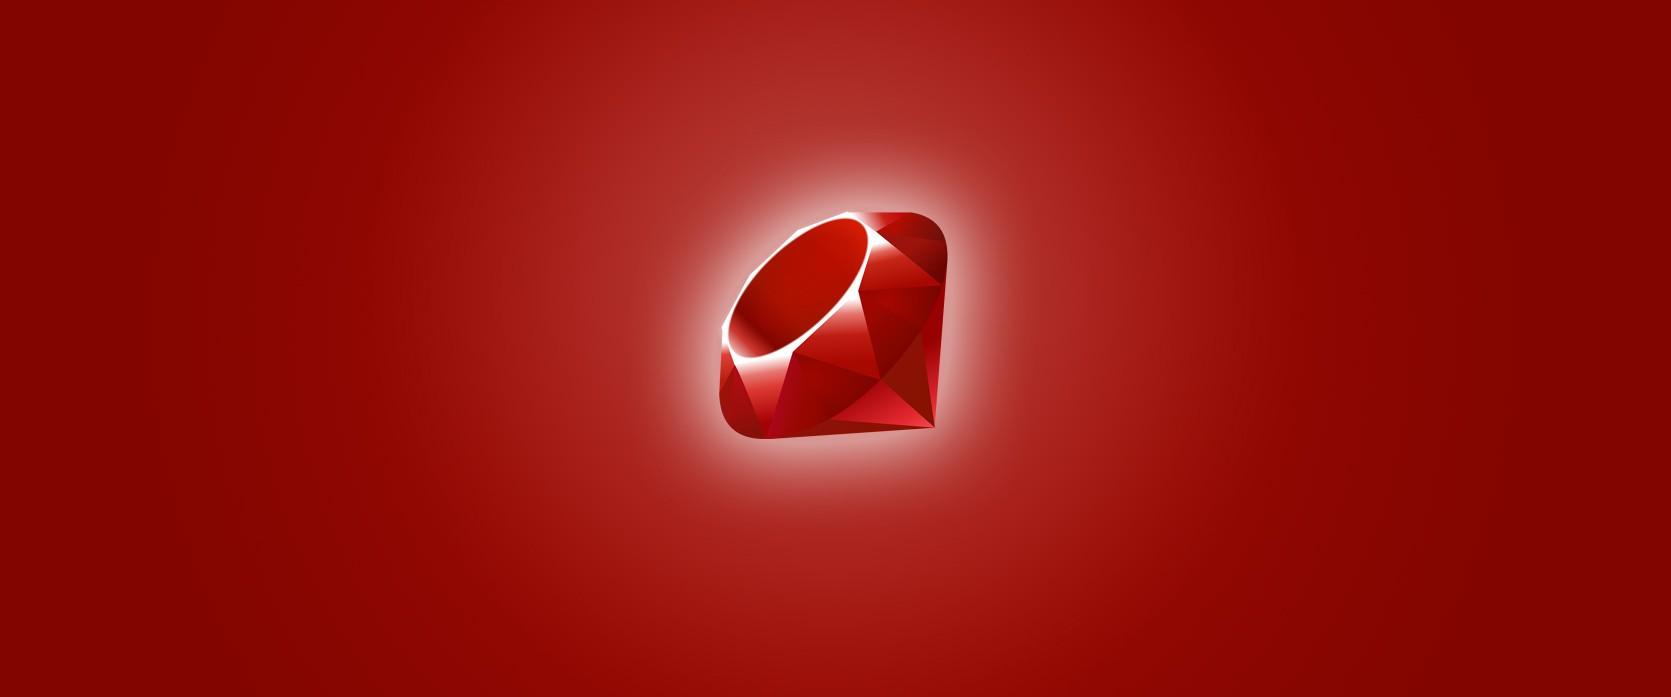 Installing Ruby 2.2.3 on Linux Ubuntu 14.04